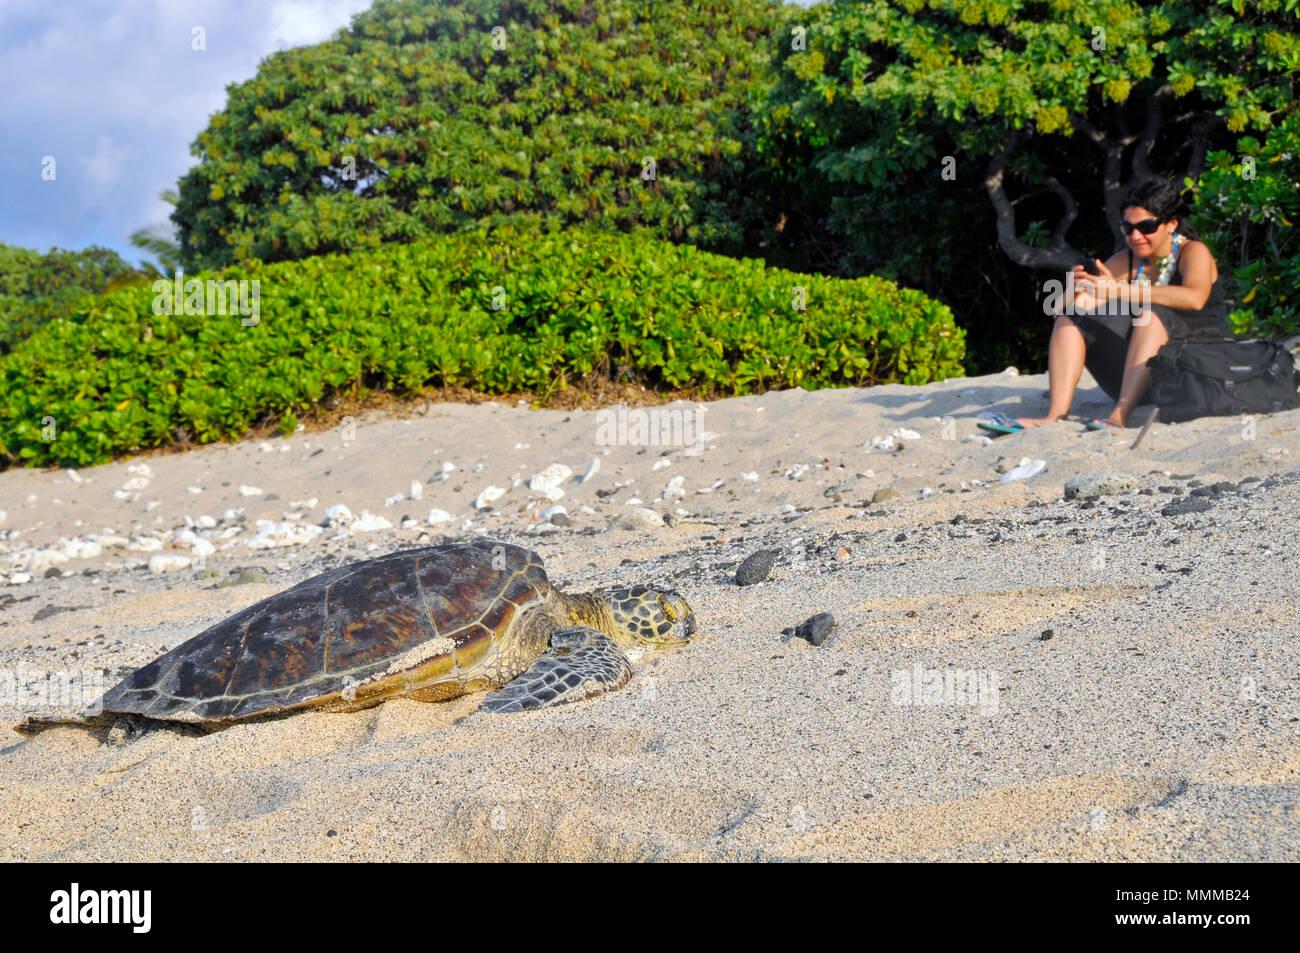 Femme sur son portable alors qu'une tortue verte, Chelonia mydas, dort sur la plage, Kailua-Kona, Big Island, Hawaii Photo Stock